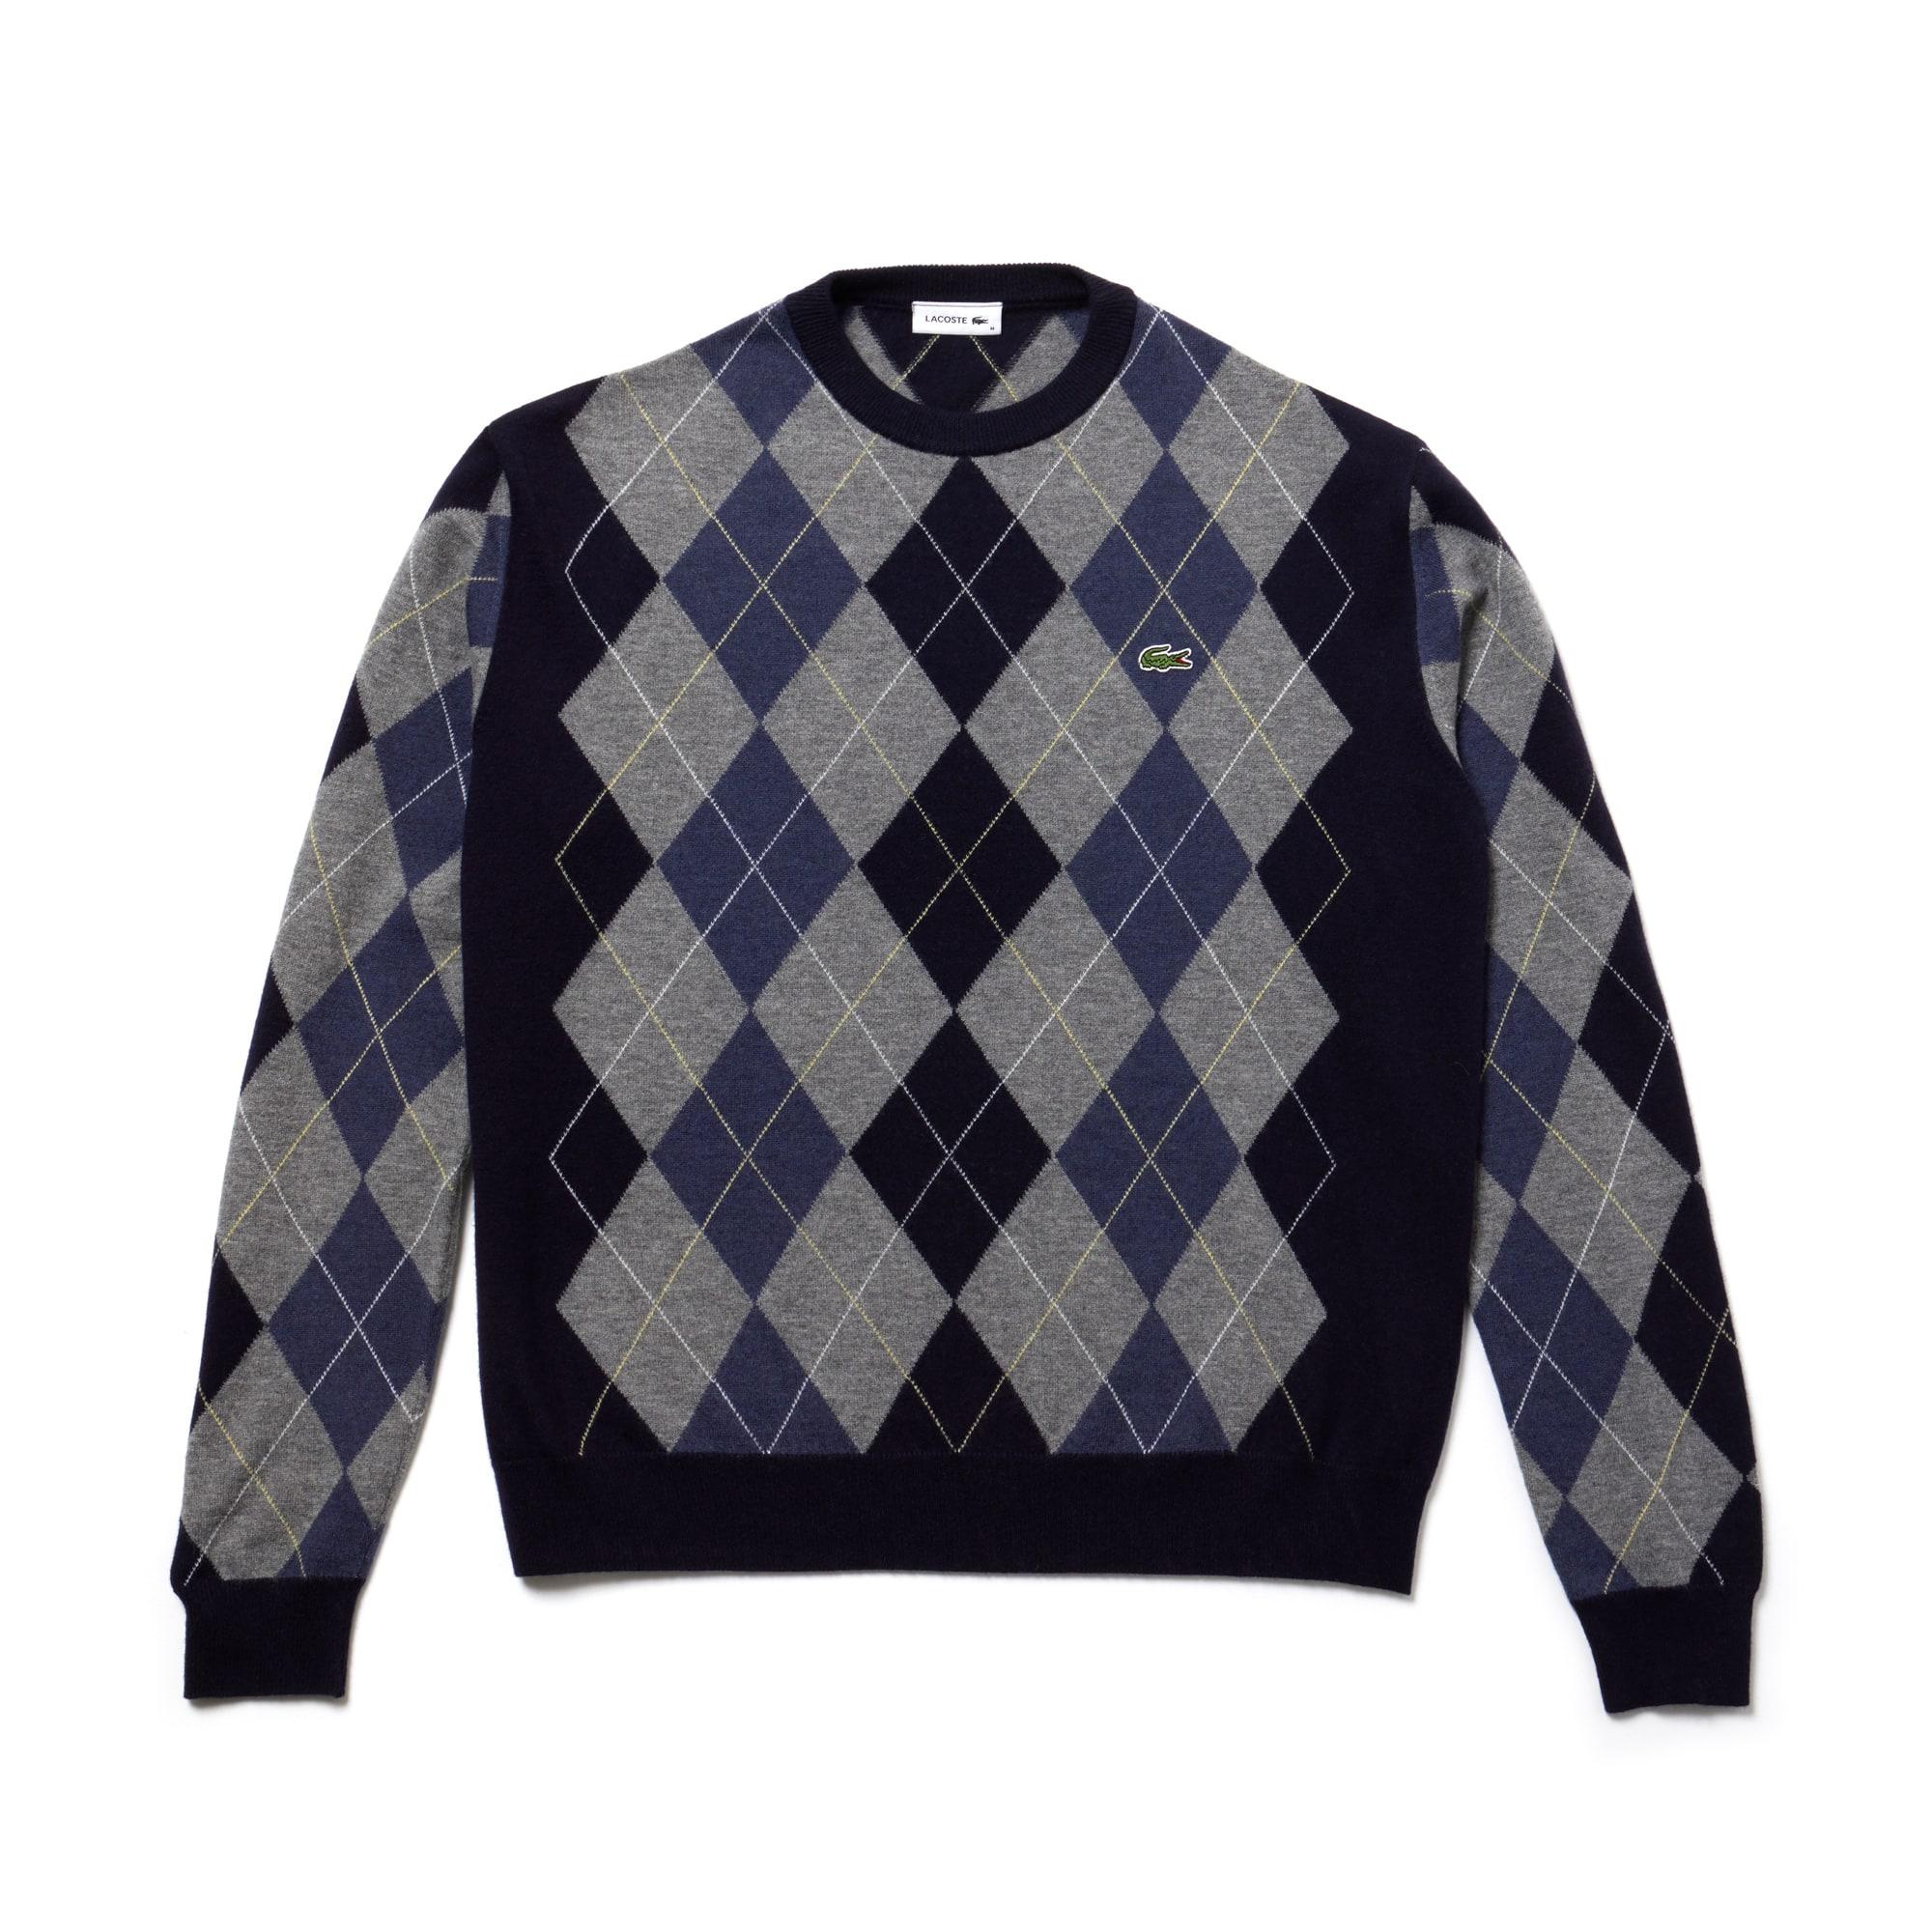 Unisex Fashion Show Argyle Wool Jacquard Sweater